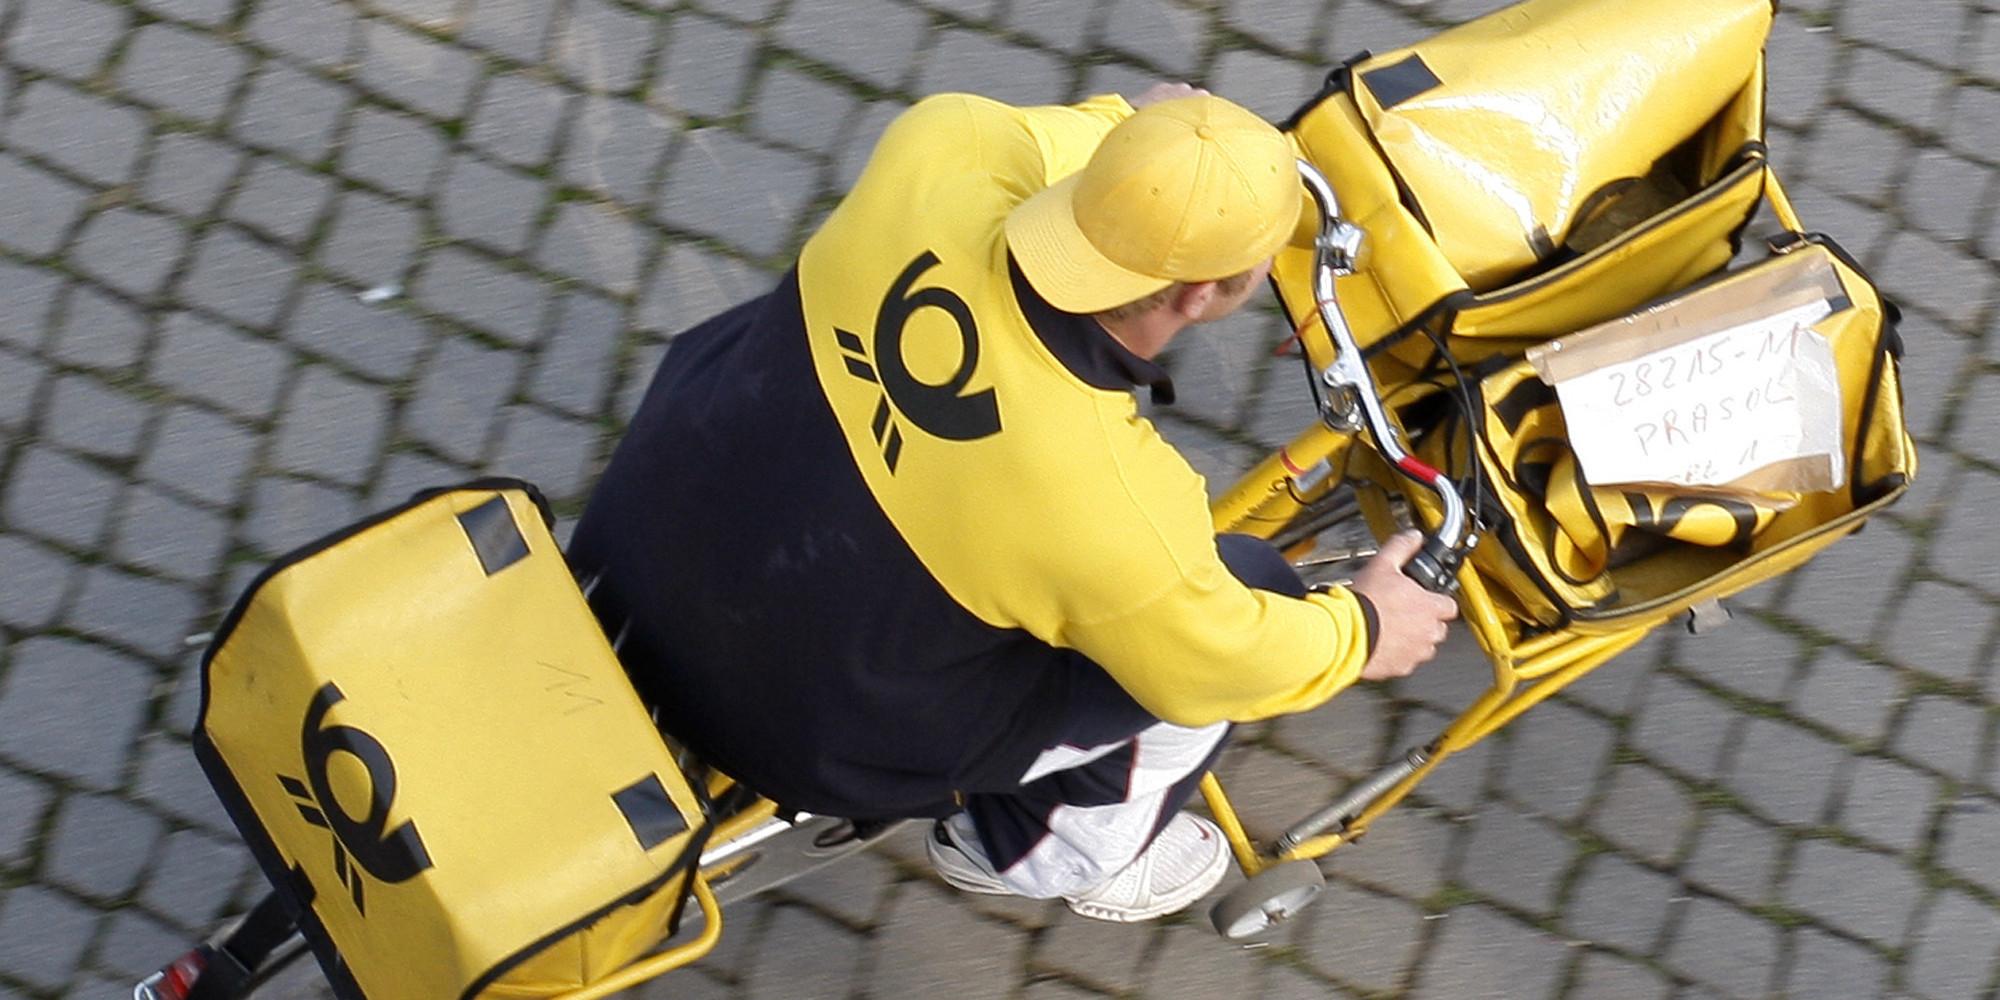 warensendung deutsche post sendungsverfolgung